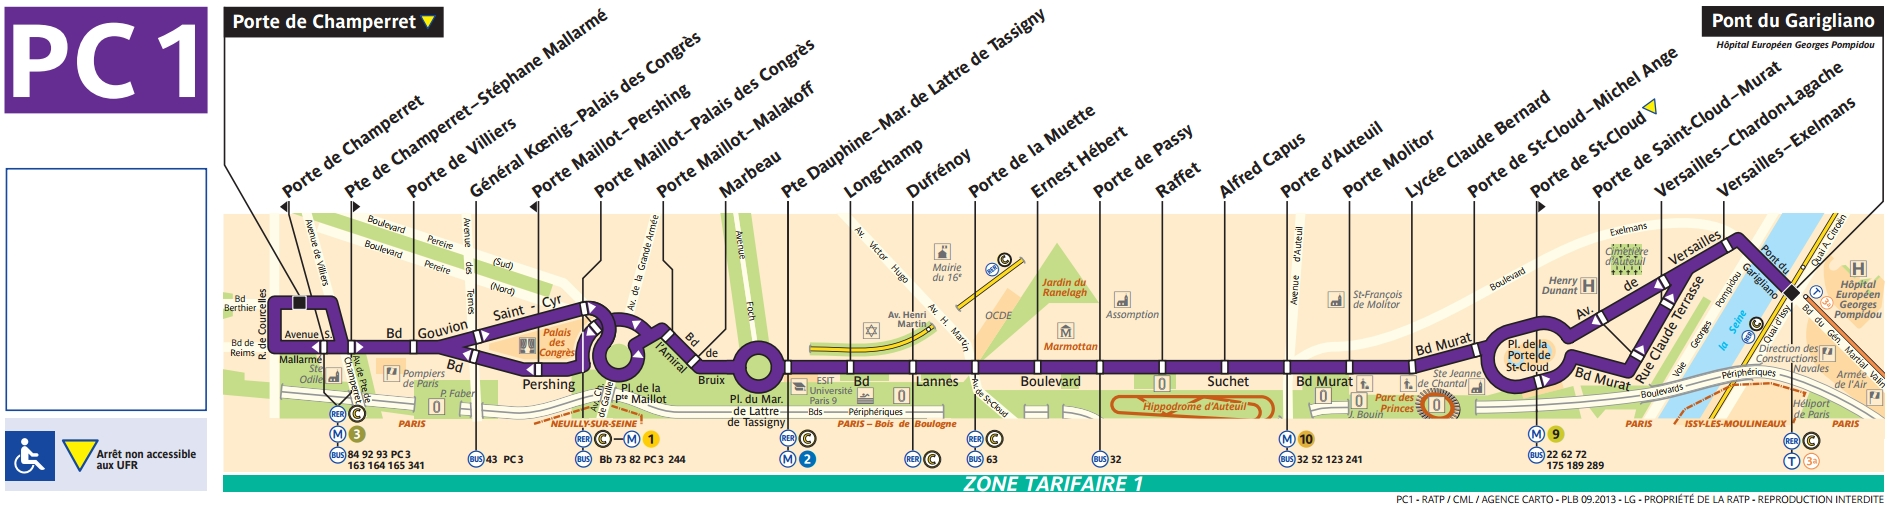 Bus pc1 horaires et plan ligne pc1 paris for Salon porte de champerret horaires